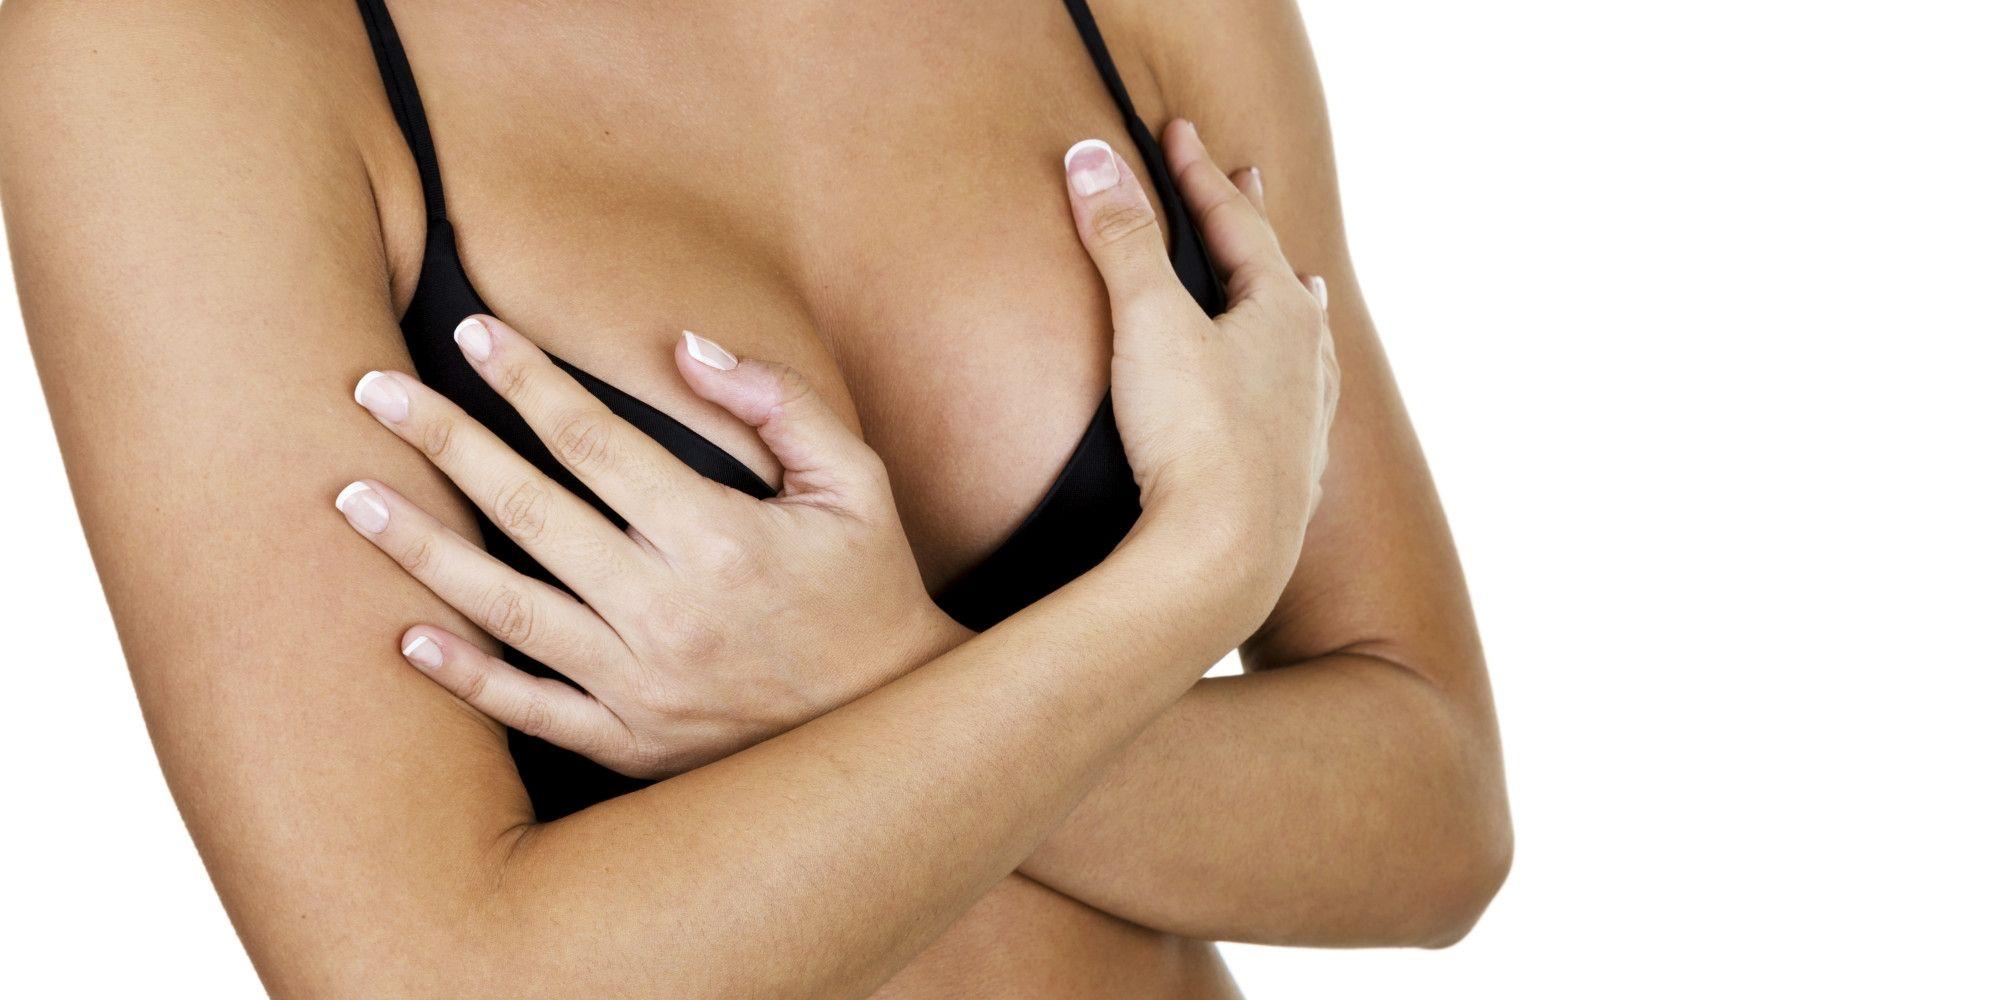 набухшая грудь